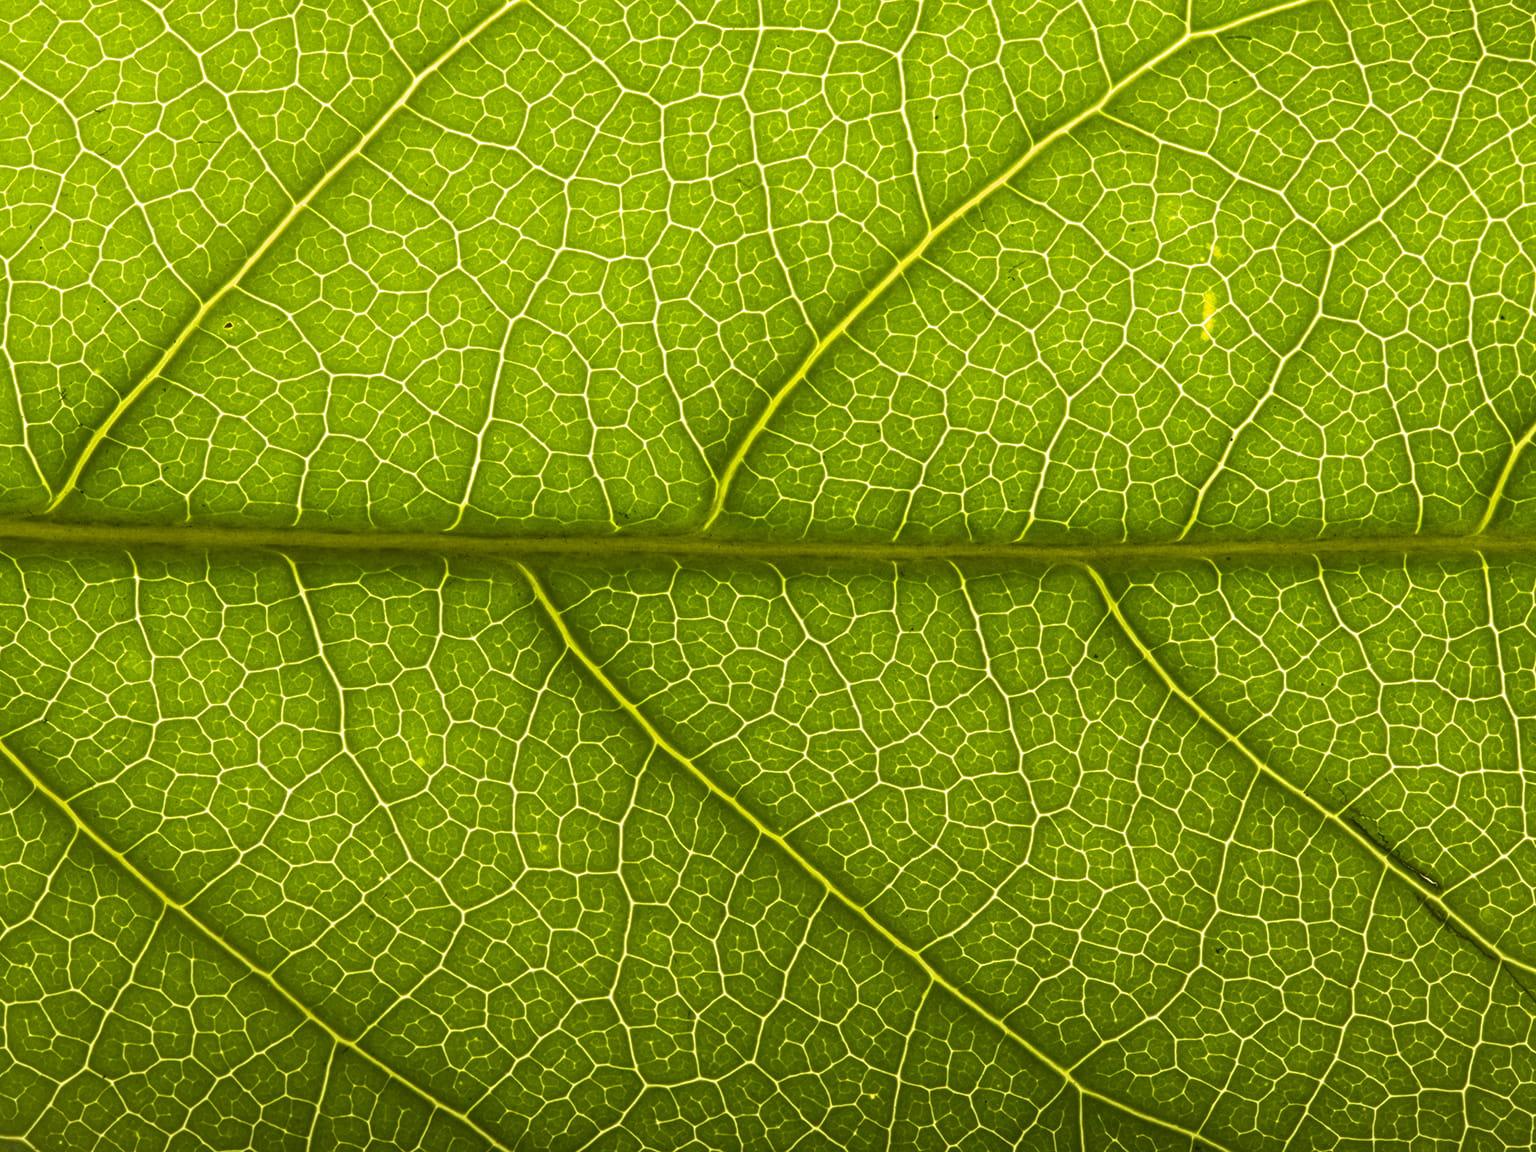 Nærbilde av et grønt blad